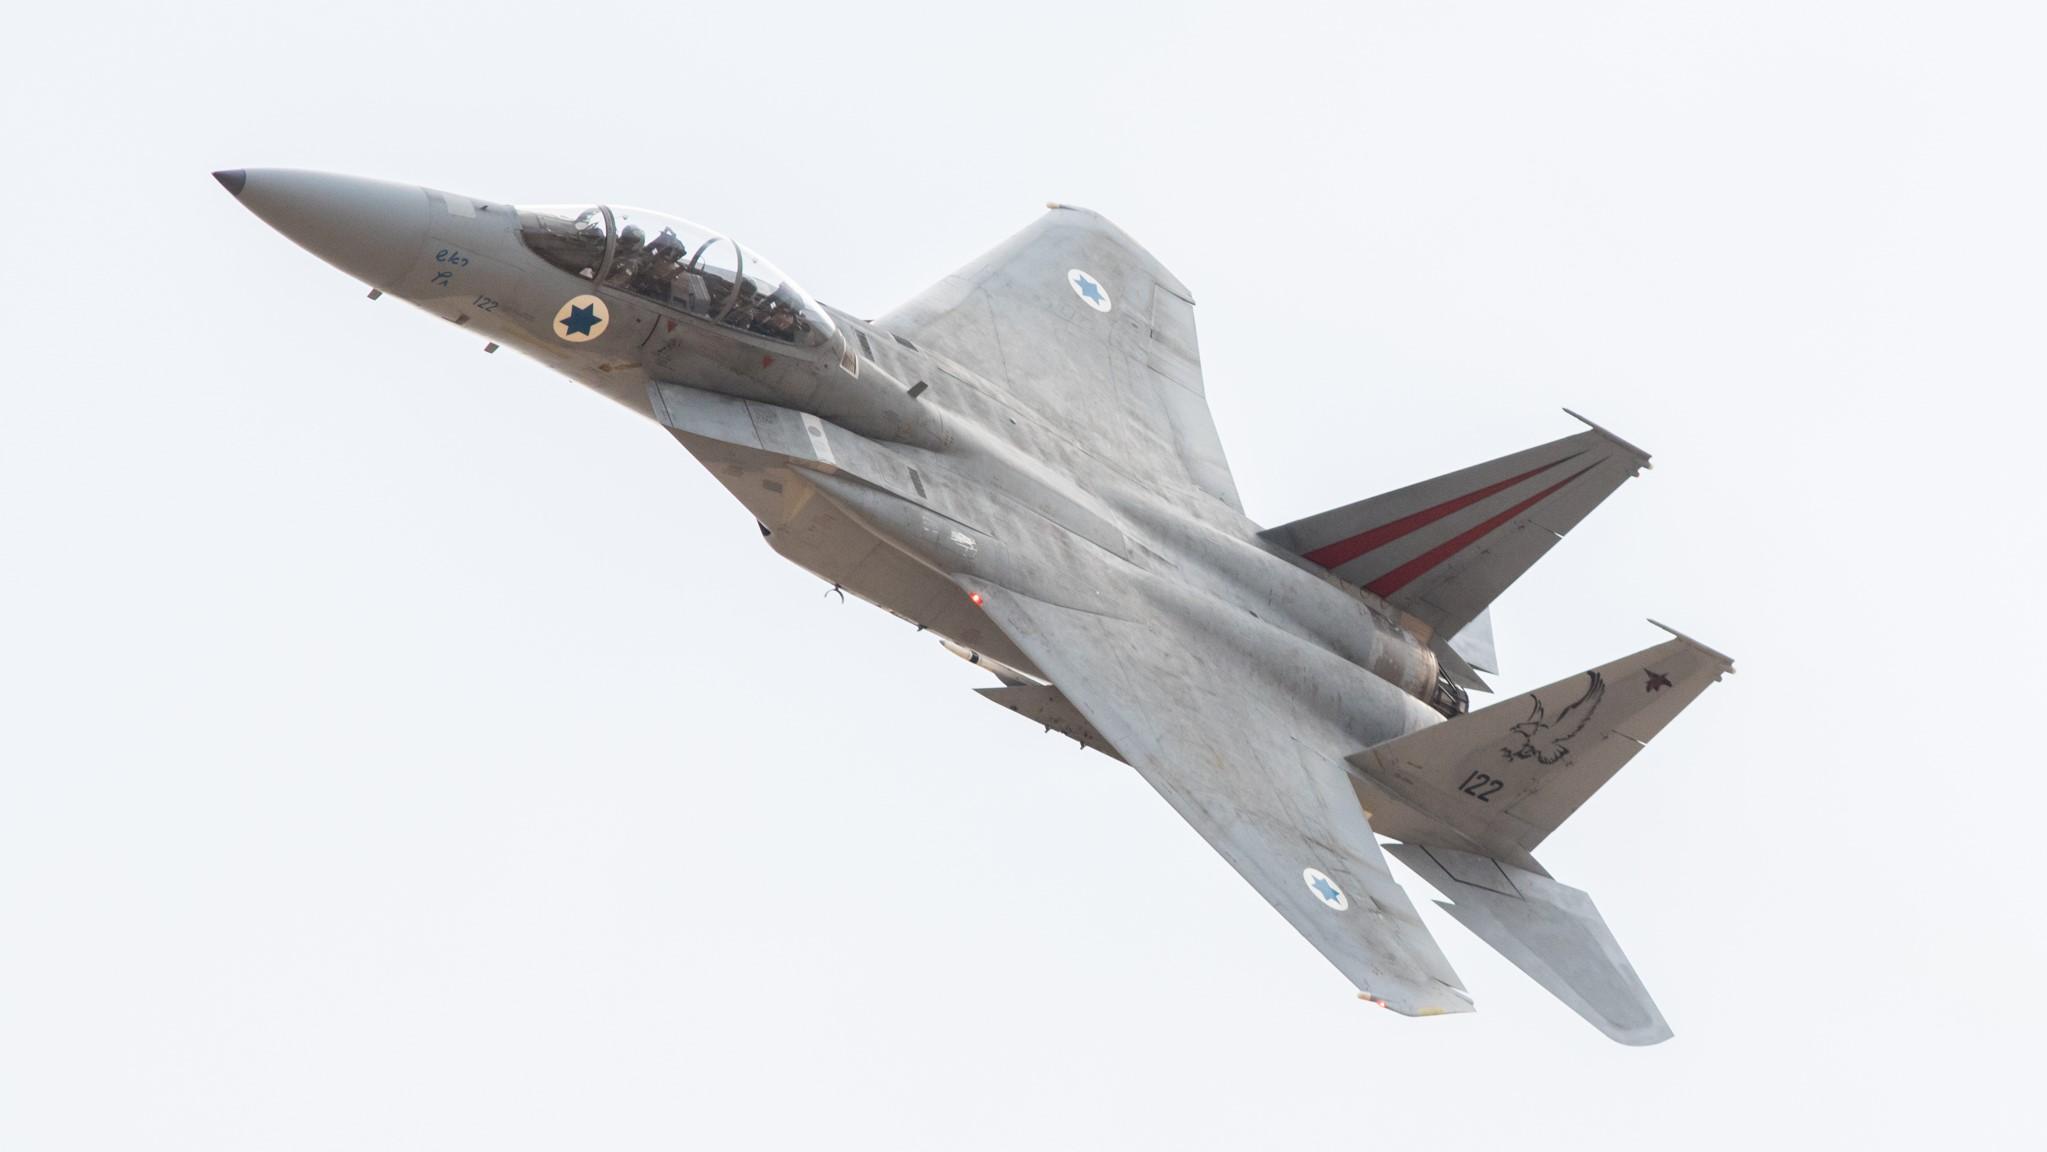 כוחותינו מחיל האוויר תקפו תשתית טרור בדרום רפיח, סמוך לגבול עזה-מצרים